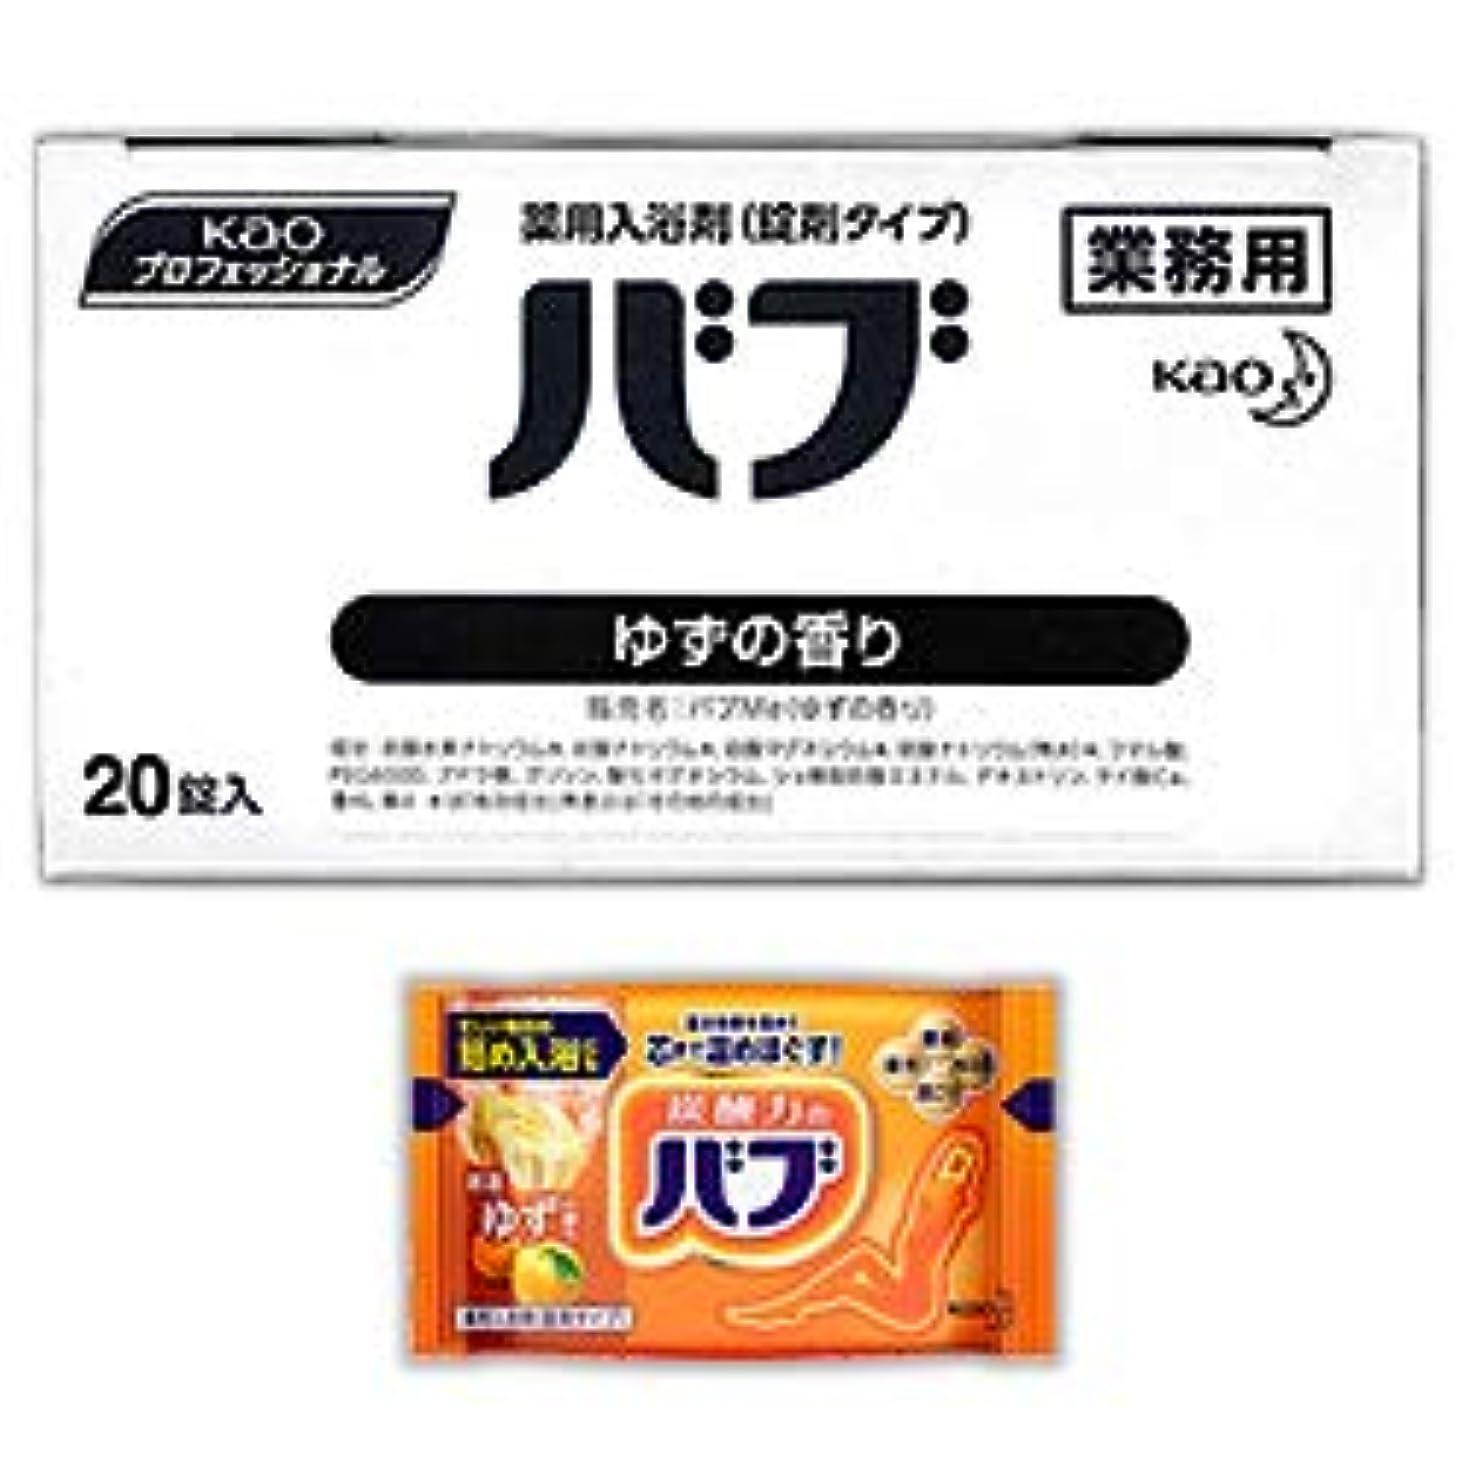 サラダ適度な氷【花王】Kaoプロフェッショナル バブ ゆずの香り(業務用) 40g×20錠入 ×4個セット